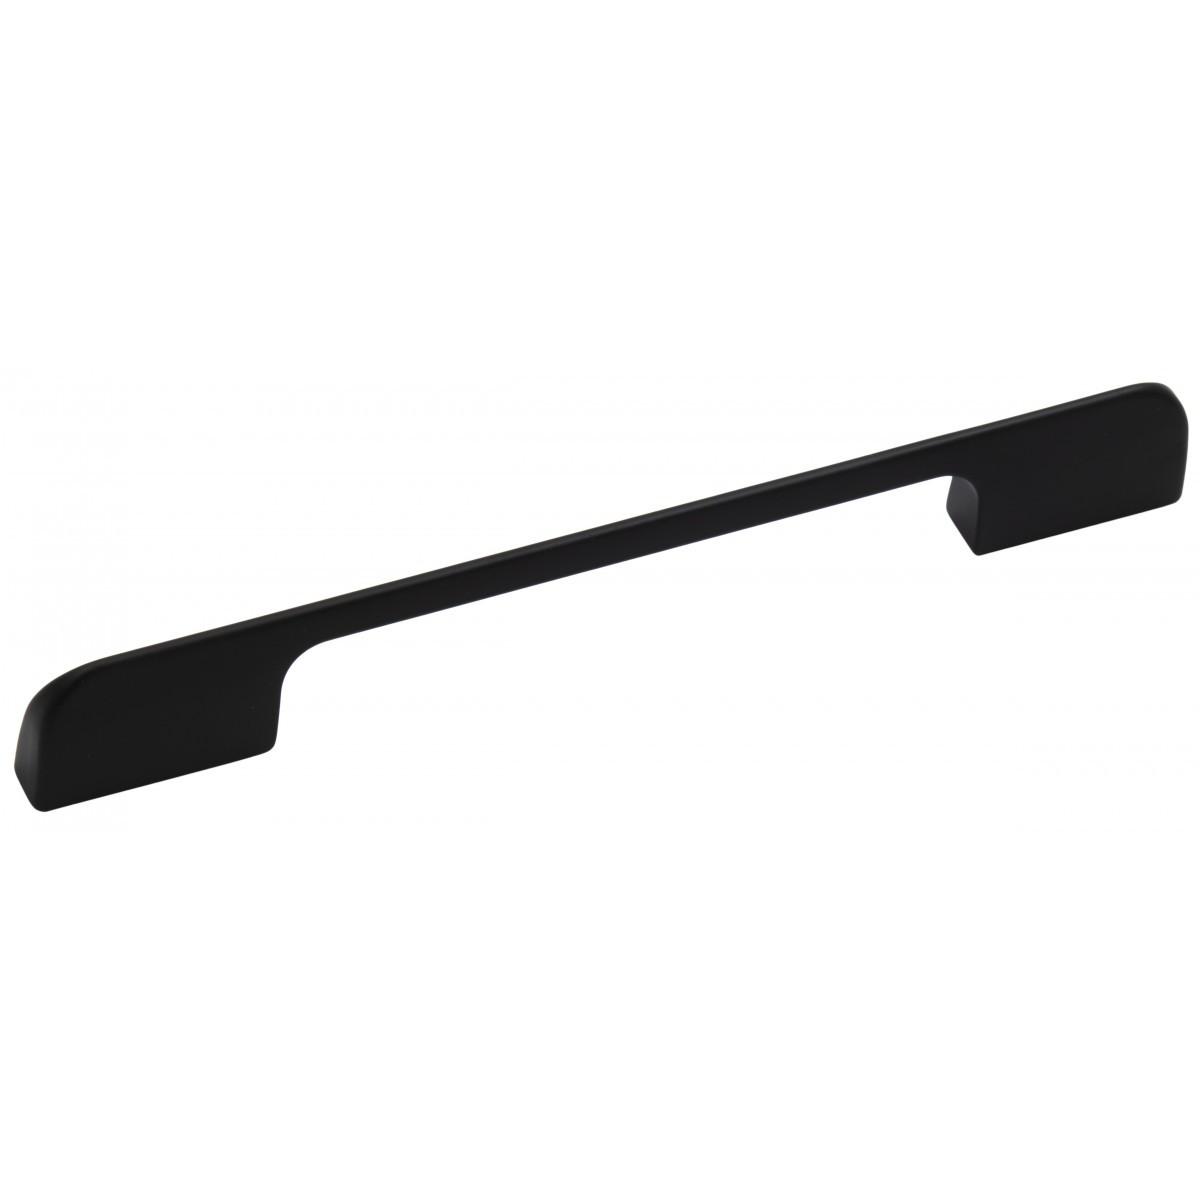 Ручка мебельная Ozkardesler 5567-012 ELVIN 160/192мм Матовый Черный